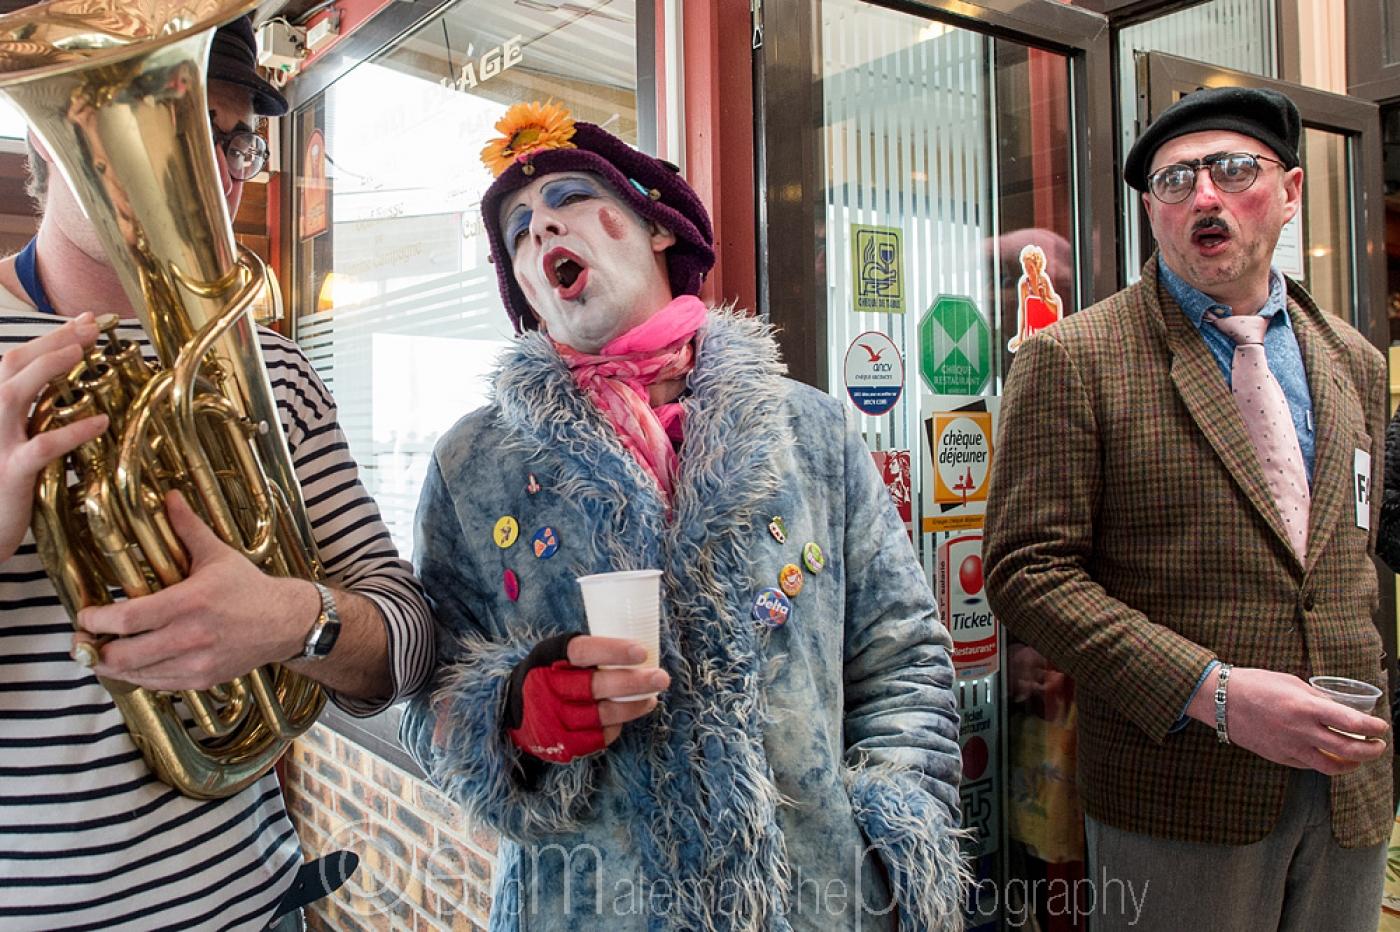 http://www.ericmalemanche.com/imagess/topics/carnaval-de-dunkerque/liste/Carnaval-Dunkerque-5719.jpg